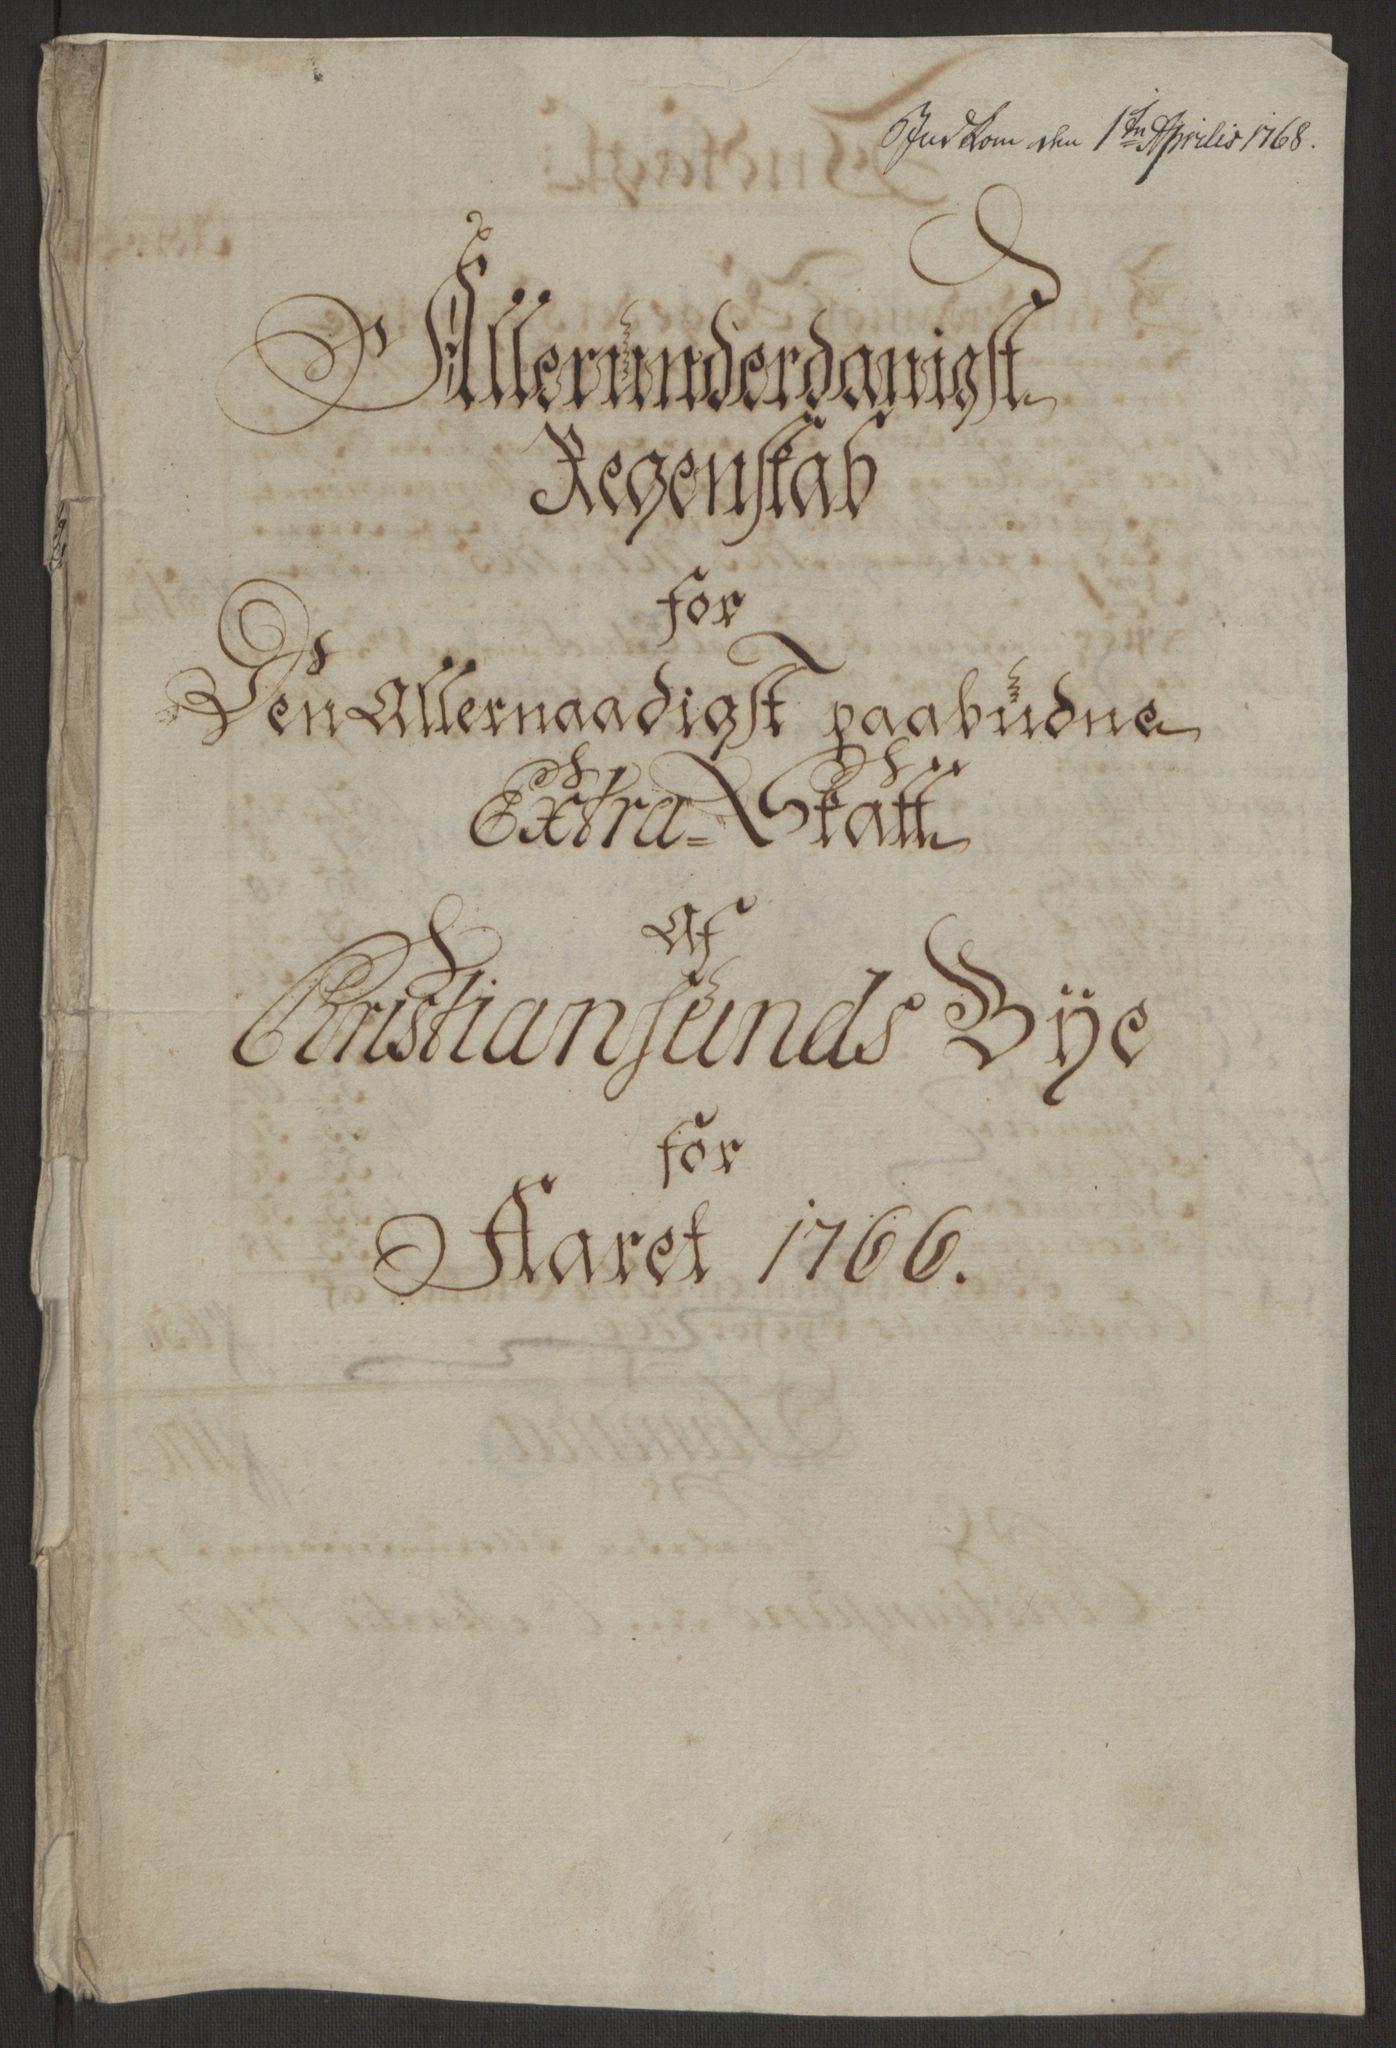 RA, Rentekammeret inntil 1814, Reviderte regnskaper, Byregnskaper, R/Rr/L0495: [R1] Kontribusjonsregnskap, 1762-1772, s. 85